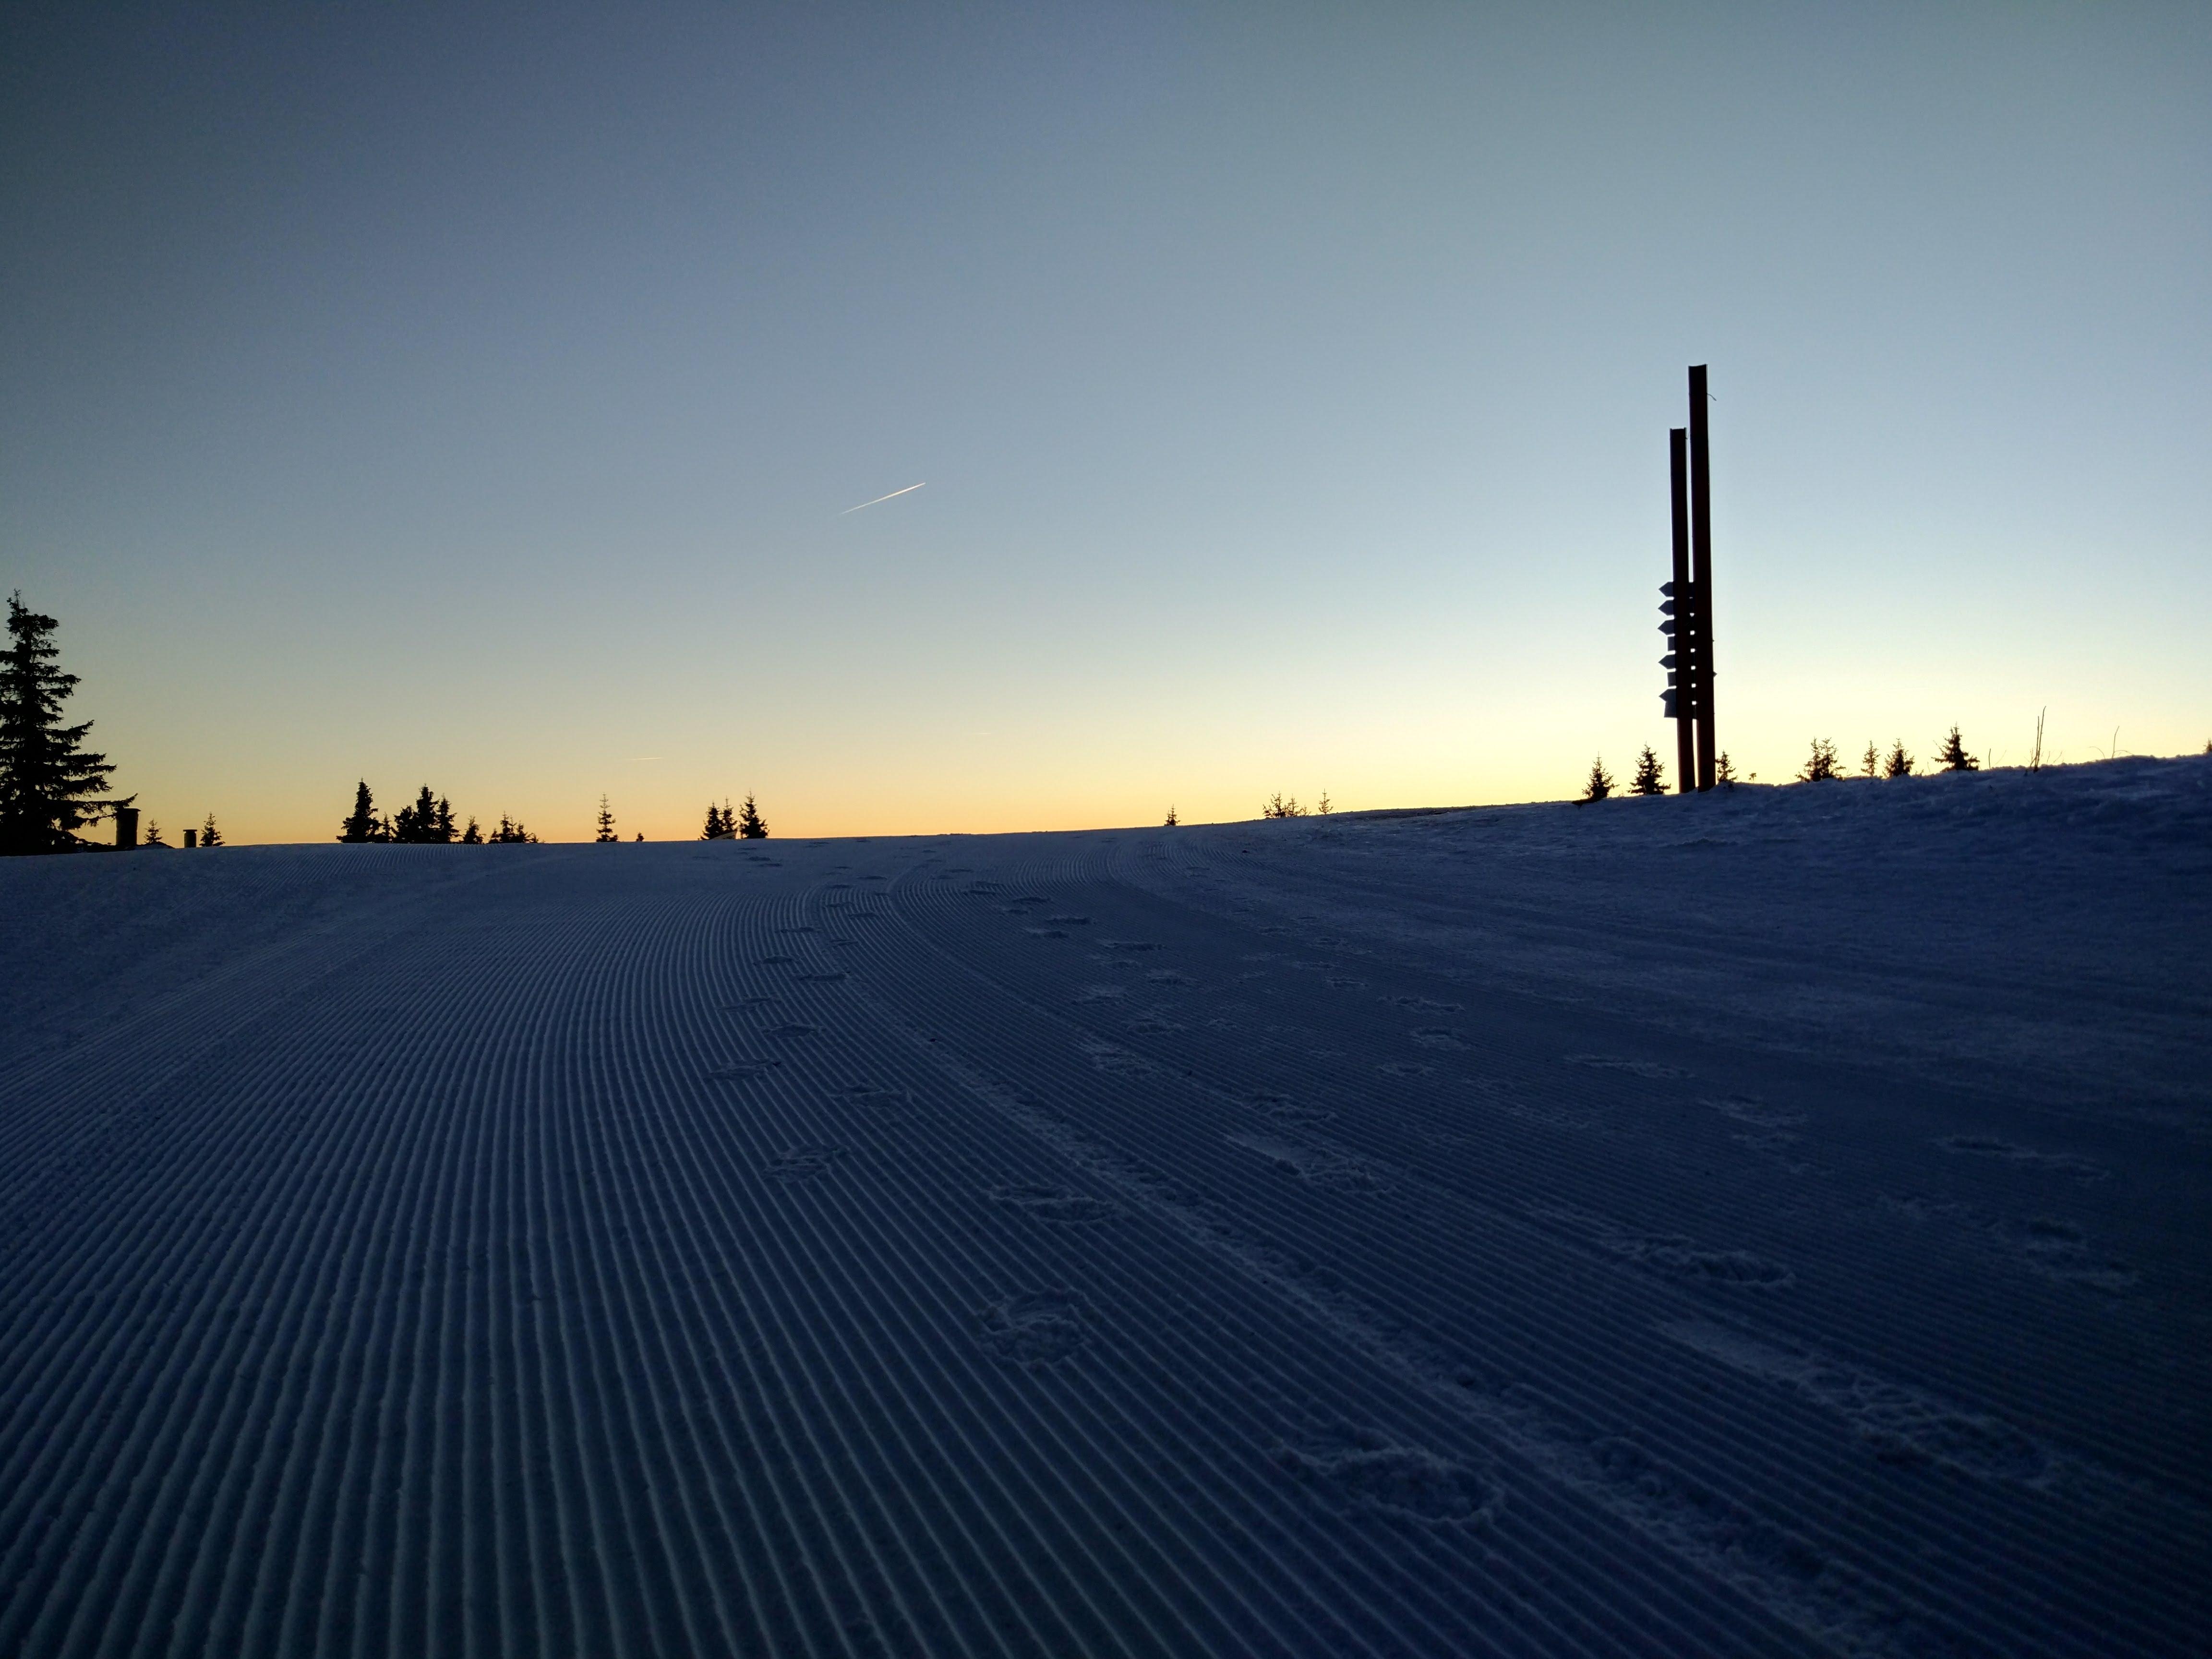 #ski #slopes #slope #mechichal #chepelare #rodopi #mountain